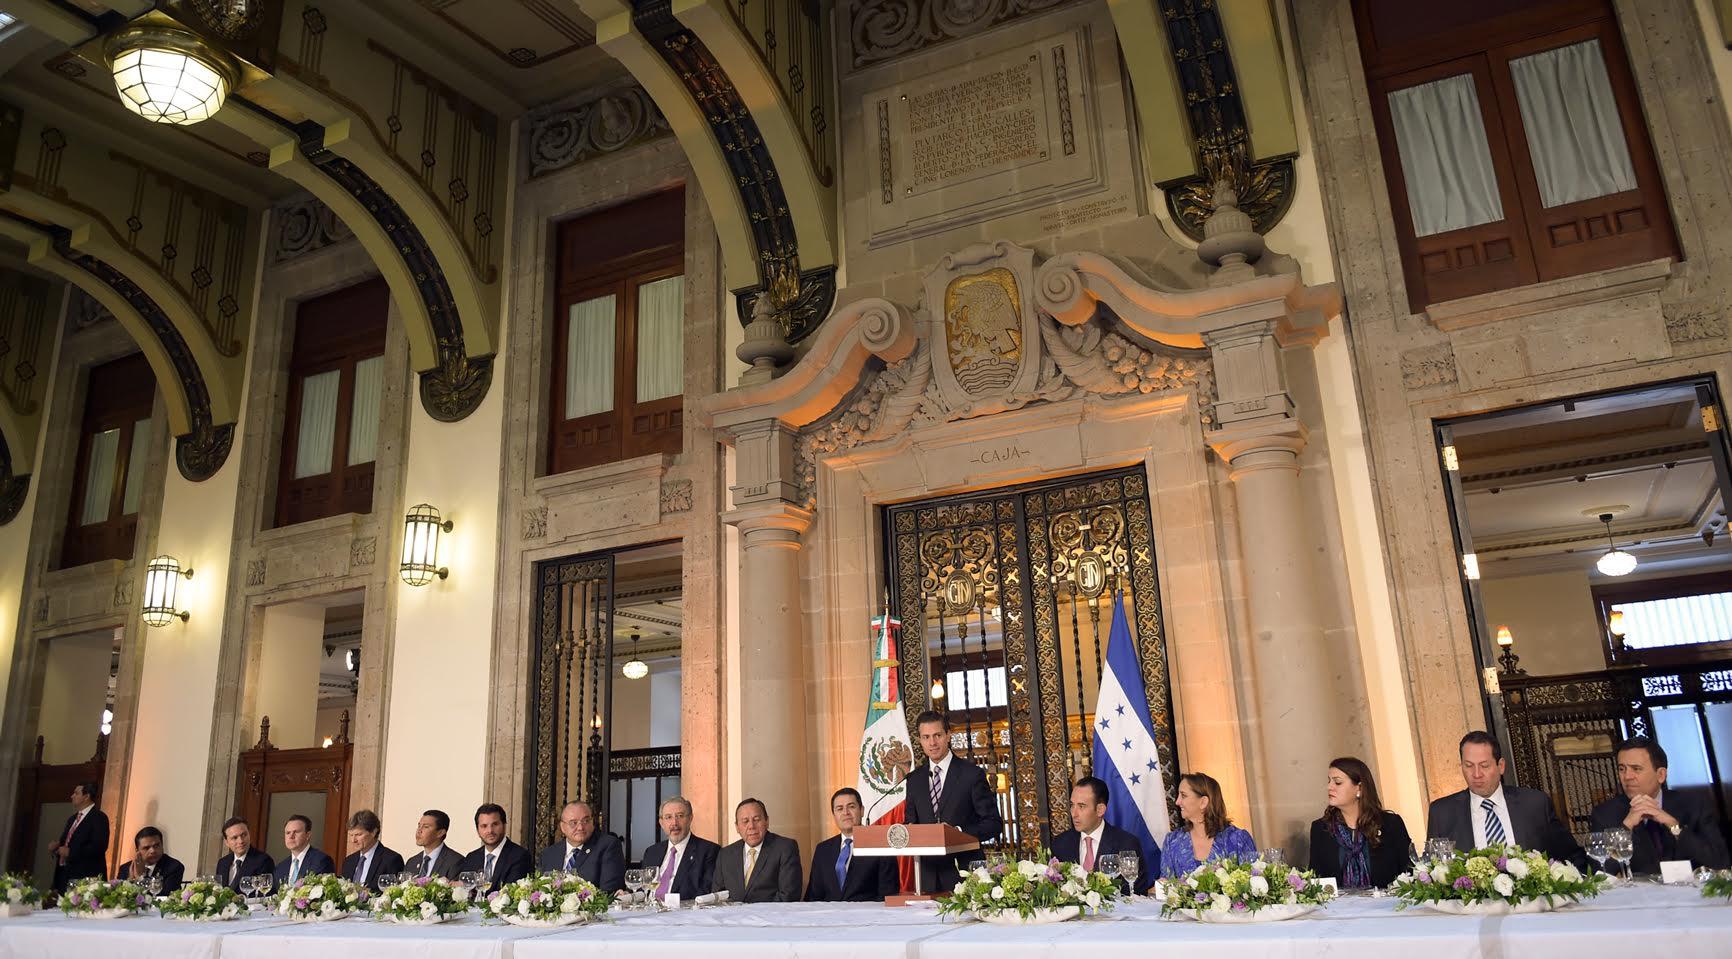 """""""En el camino por mejorar la calidad de vida de nuestras sociedades, estoy seguro de que México y Honduras seguiremos avanzando juntos, como lo hemos hecho frente a otros desafíos, con la fuerza de la unidad, la cooperación y la generosidad"""": EPN"""